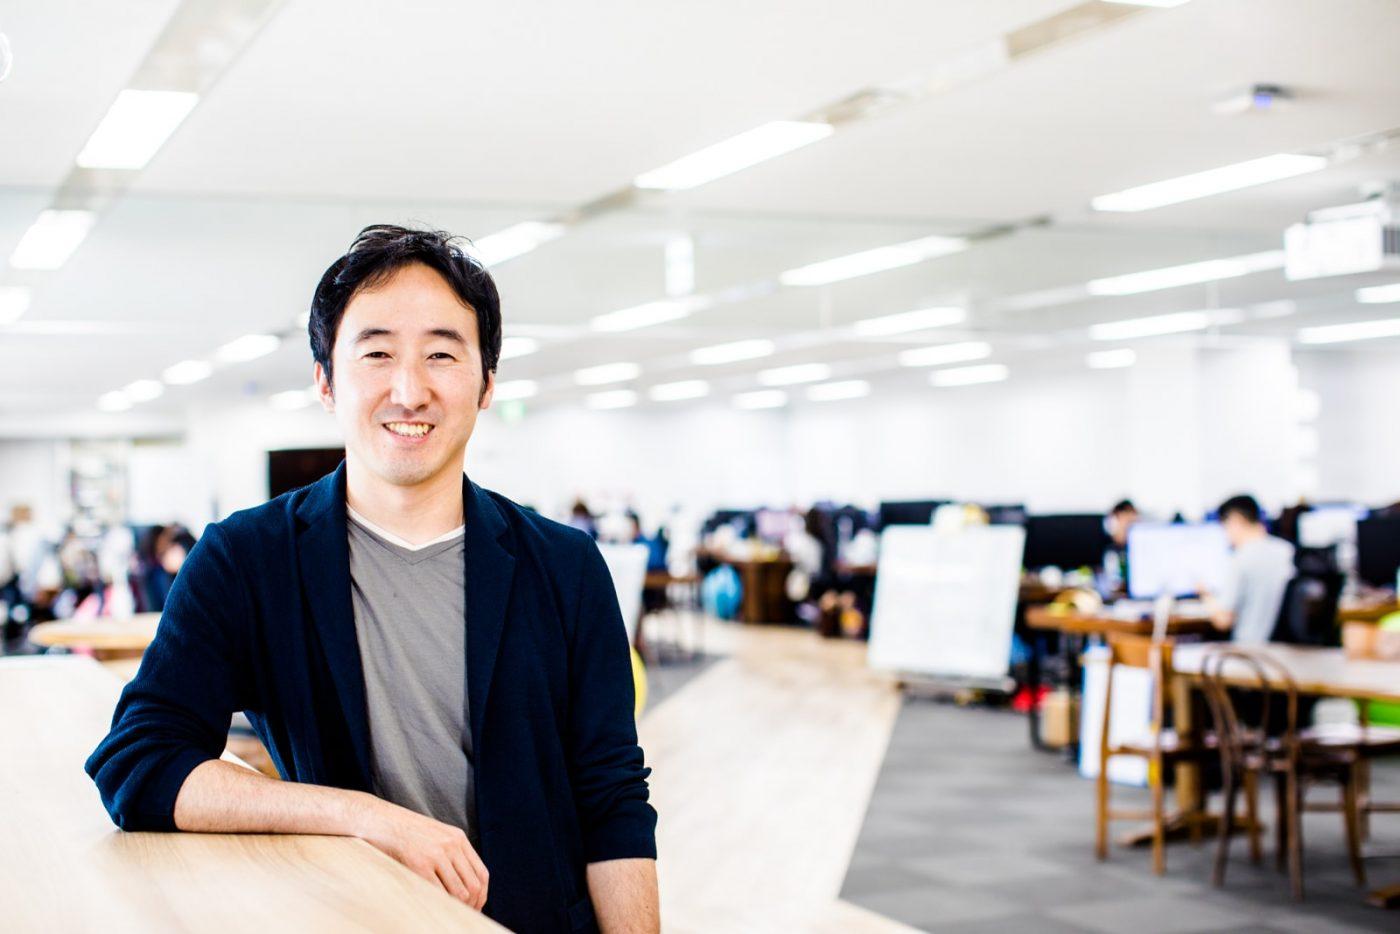 ヤプリ 庵原保文CEO「諦めない人が成功する」メディアの変遷をたどった男が起業して思うこと